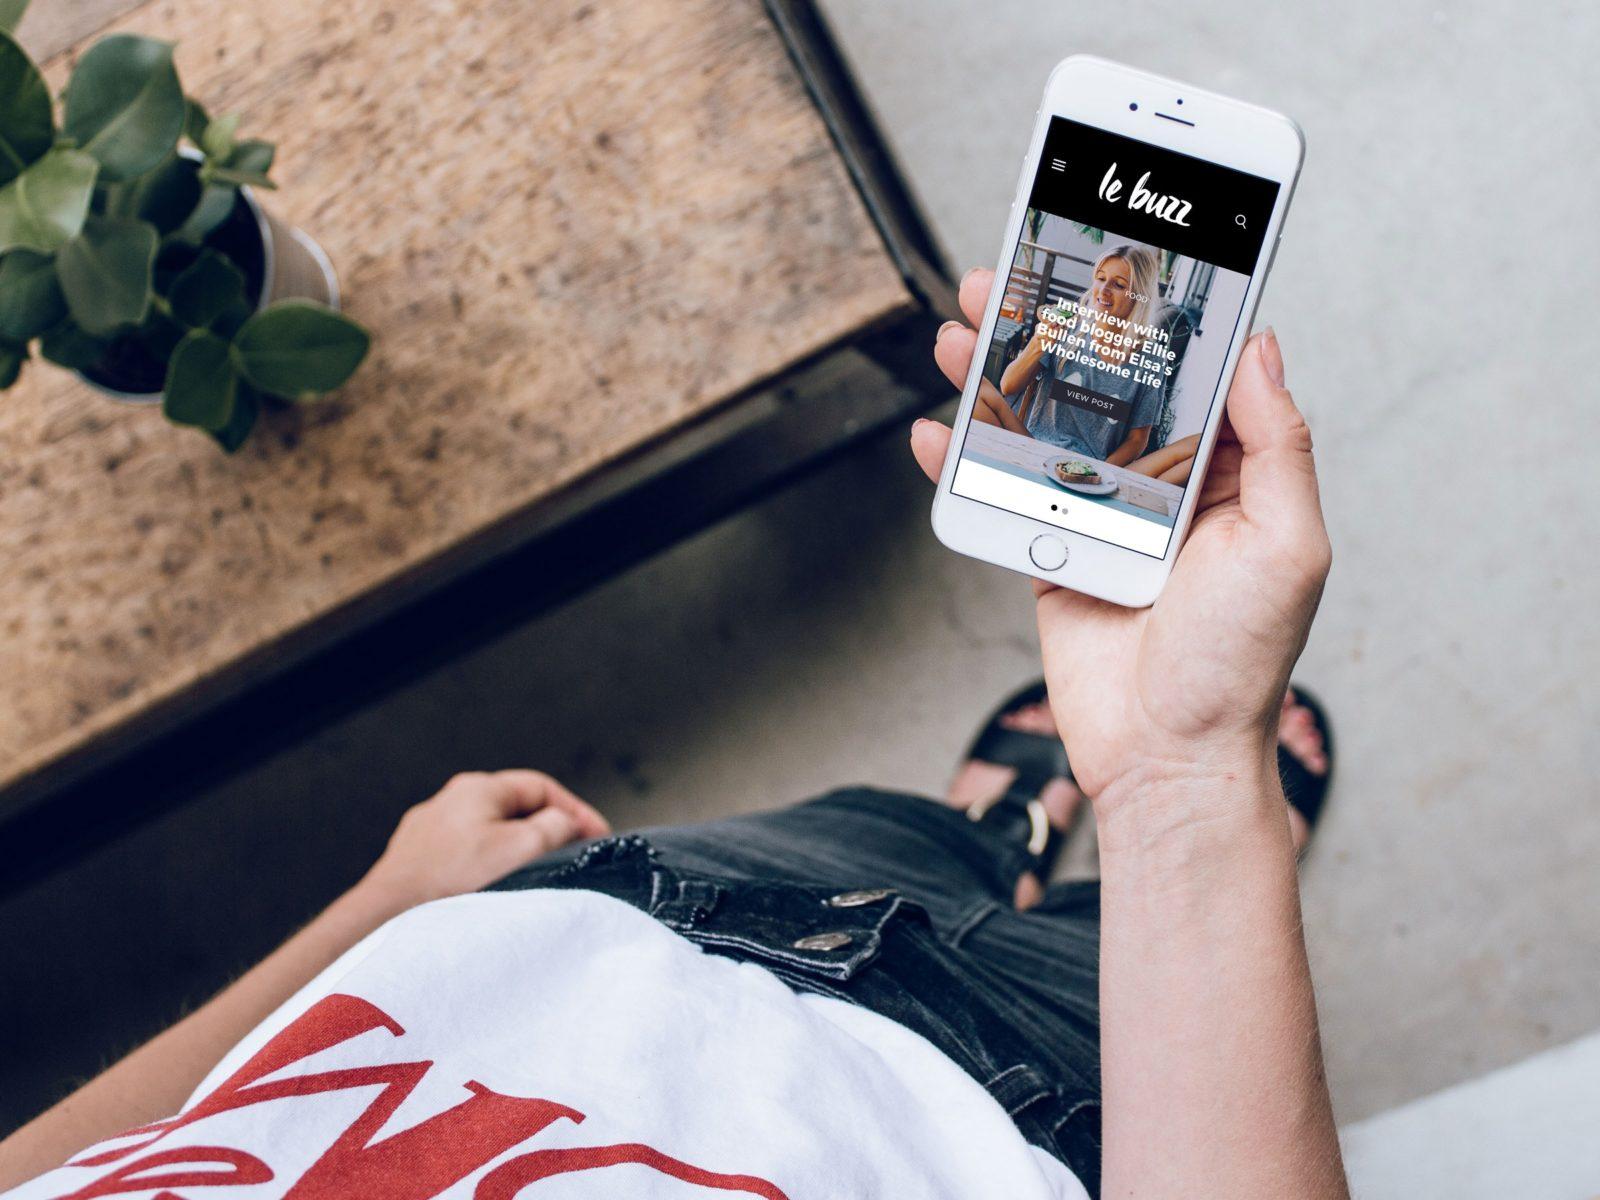 Une femme tient un smartphone dans sa main